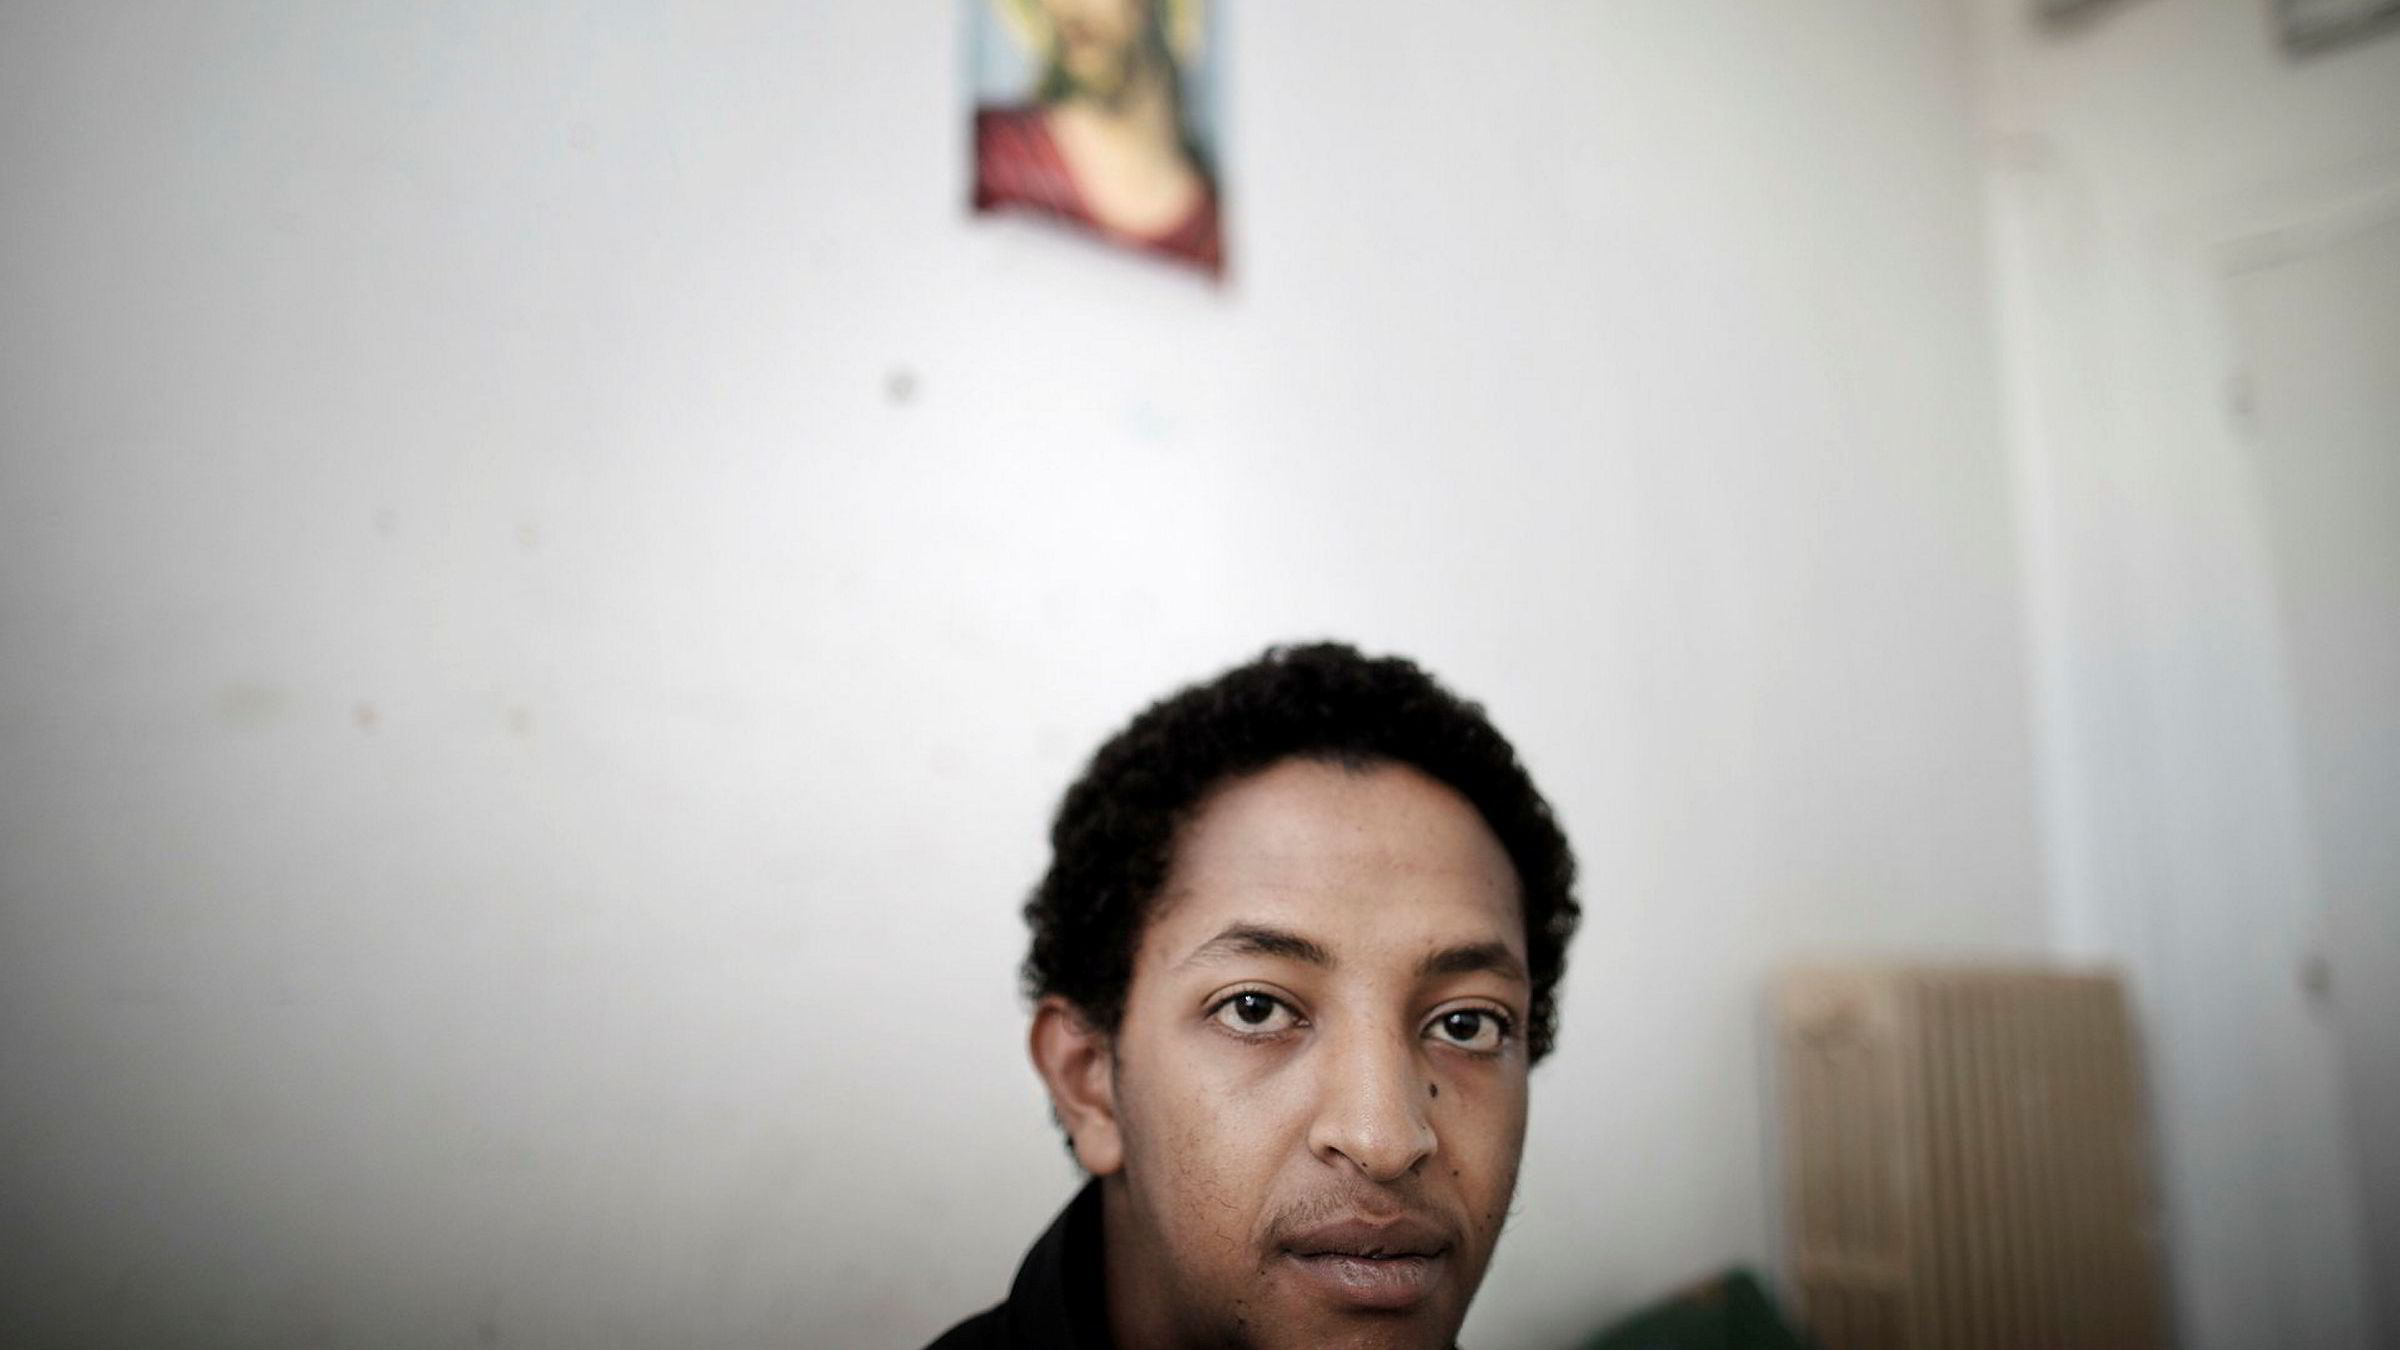 Jonathan Kebreab (17) fra Eritrea er i sorg etter å ha mistet bestevennen i en togulykke på flukt fra grensepolitiet ved Brennerpasset. Nå forbereder Kebreab seg på et liv i Roma. Her på et mottakssenter hos Røde Kors i Roma.